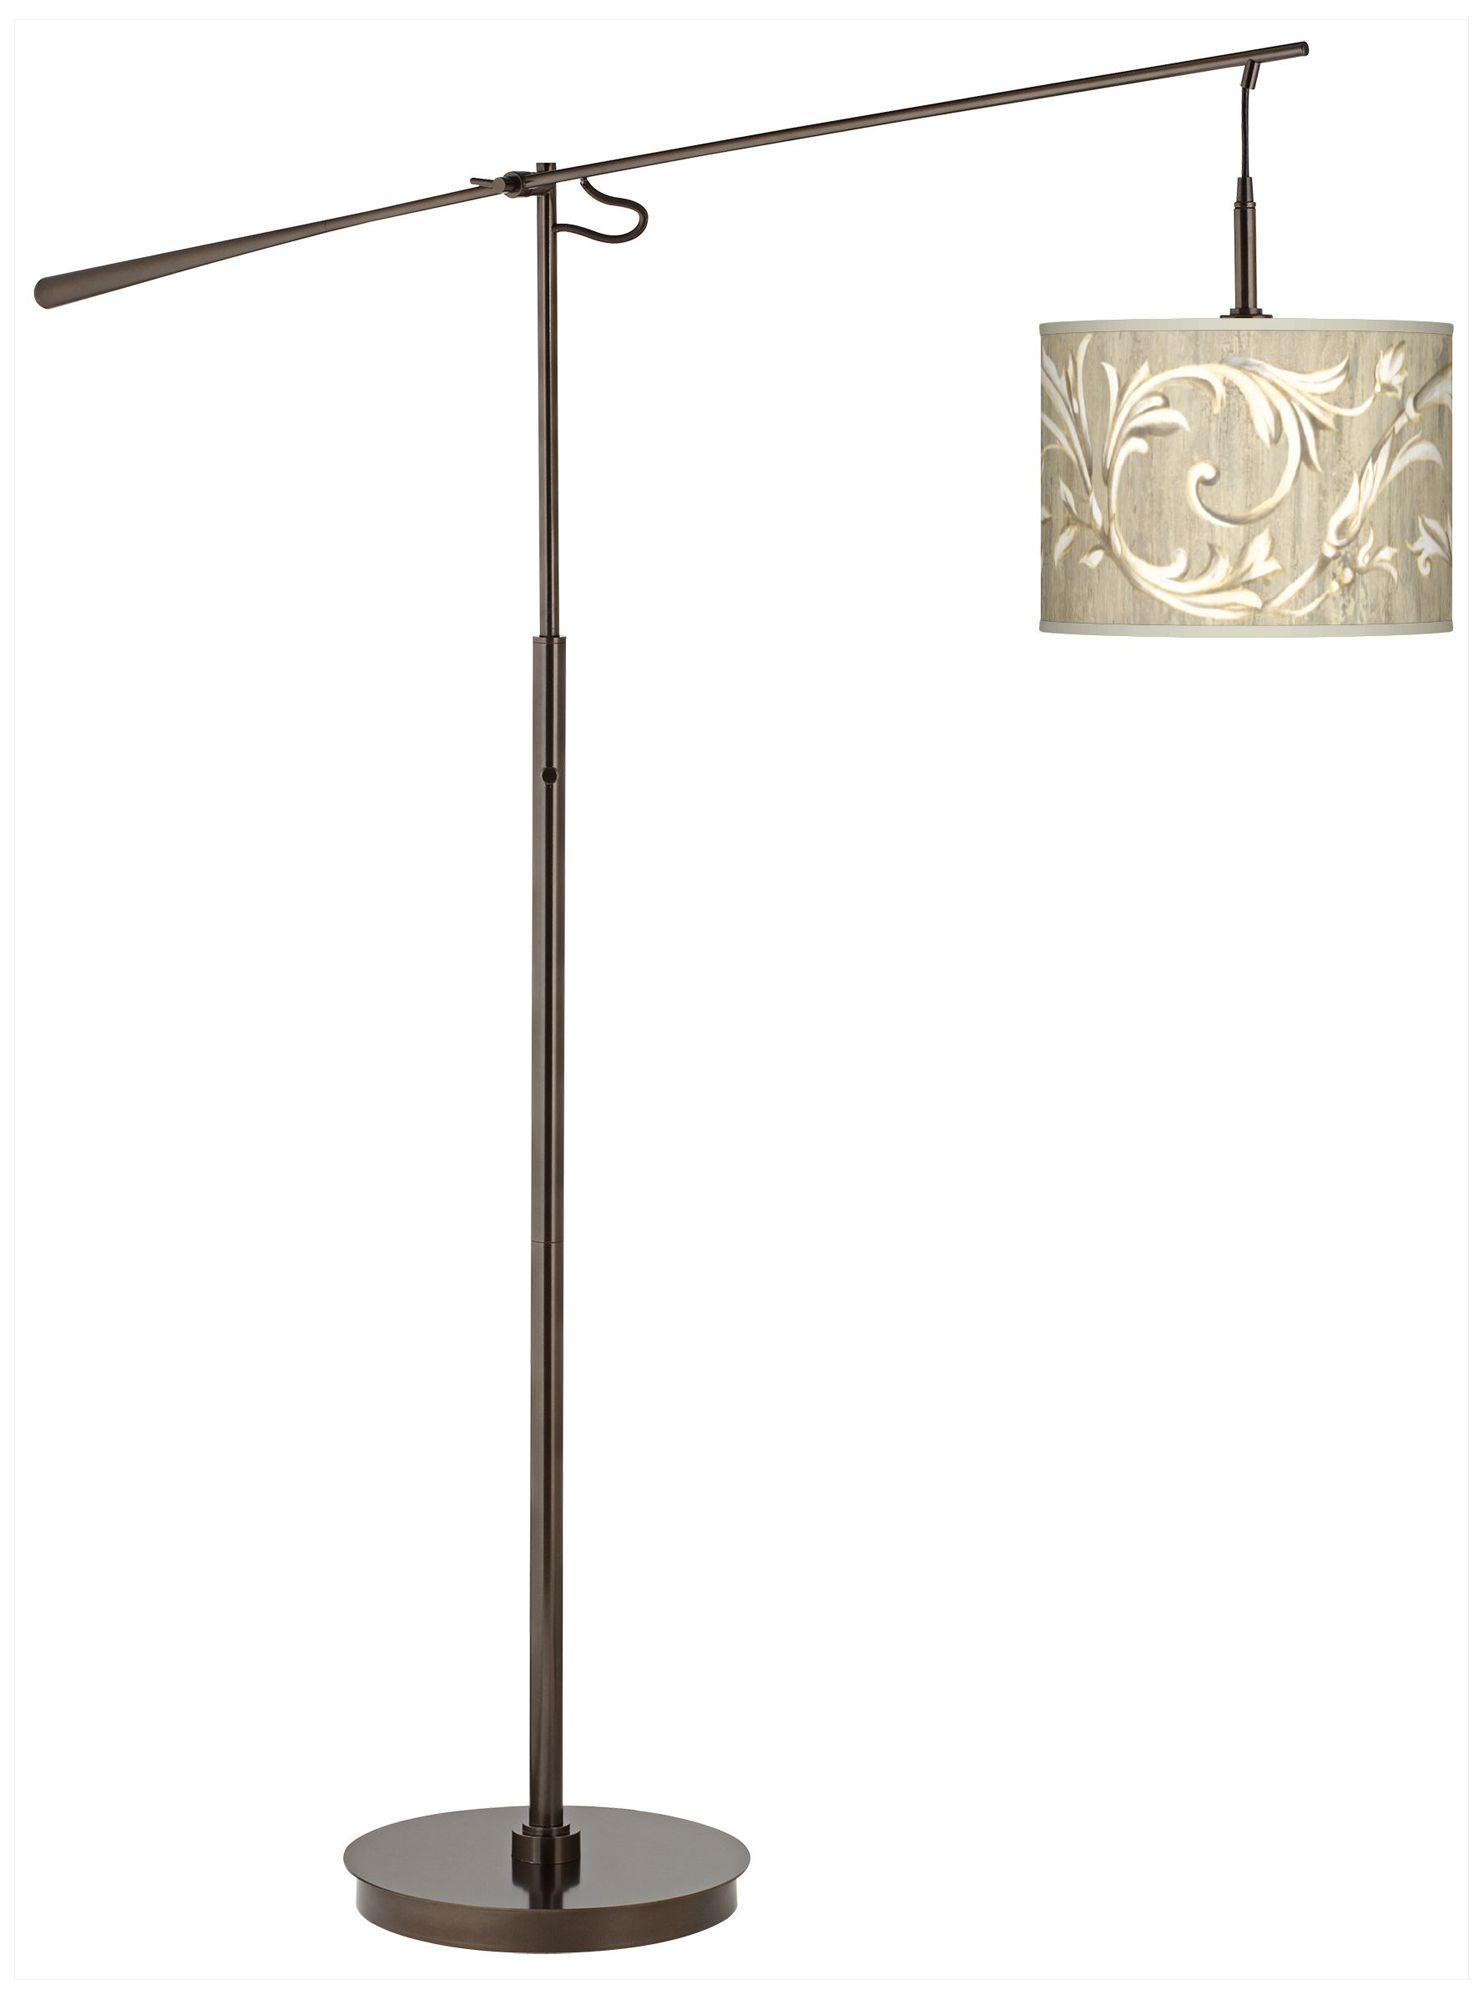 Laurel Court Giclee Glow Bronze Balance Arm Floor Lamp